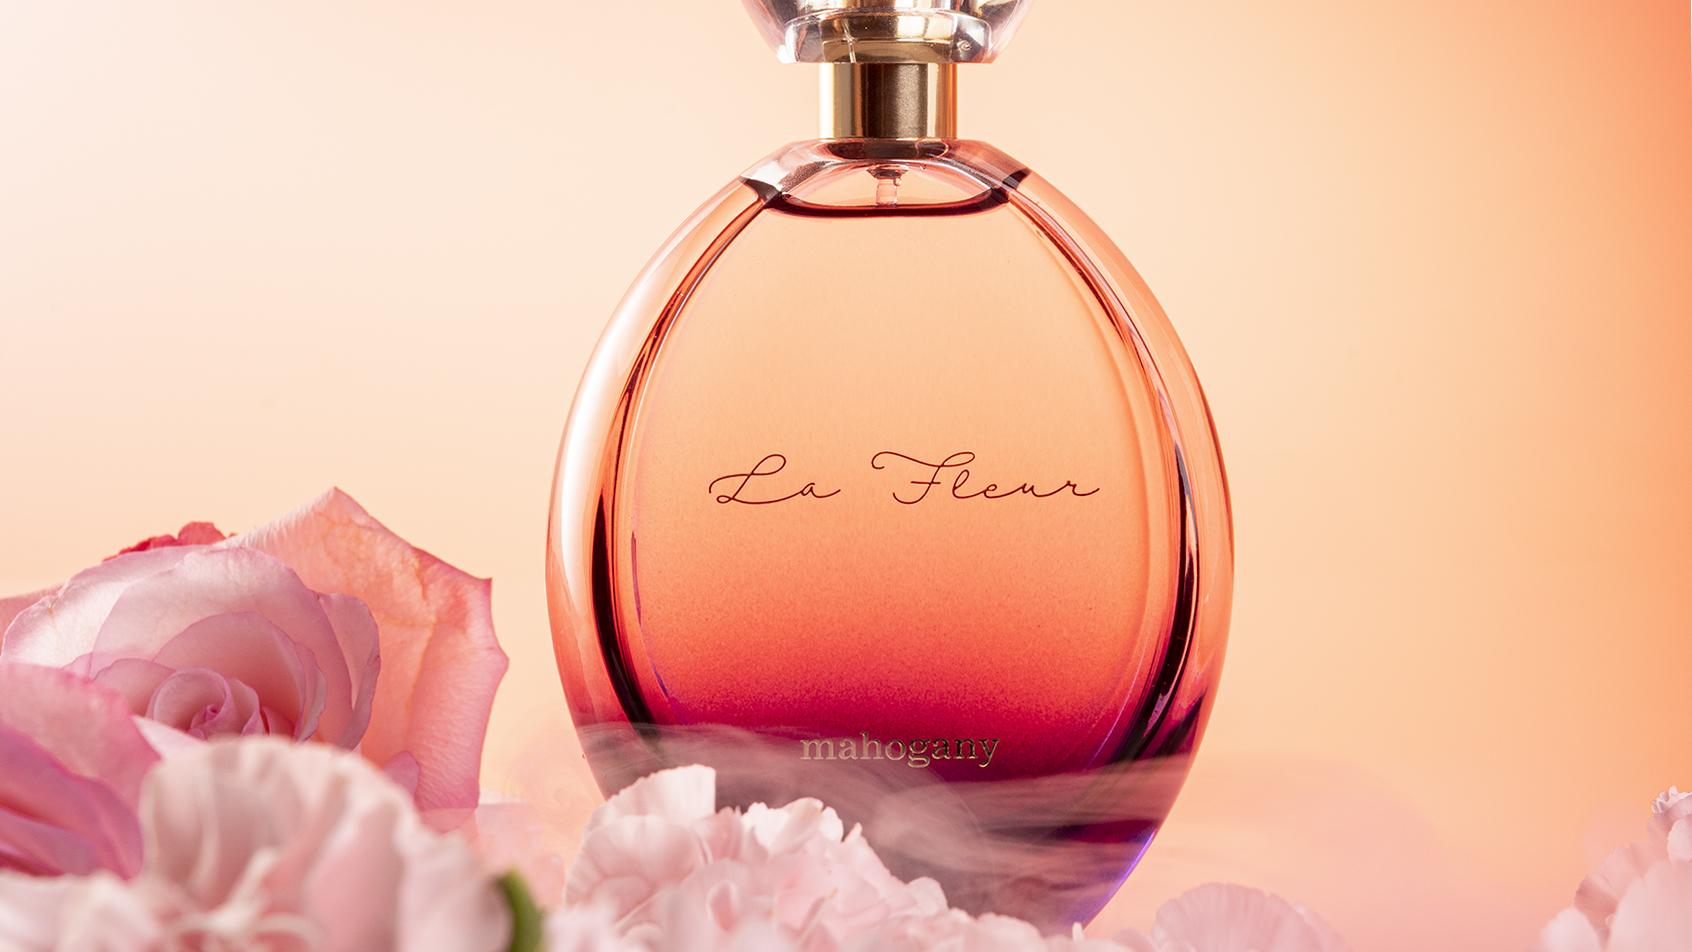 La Fleur Perfume